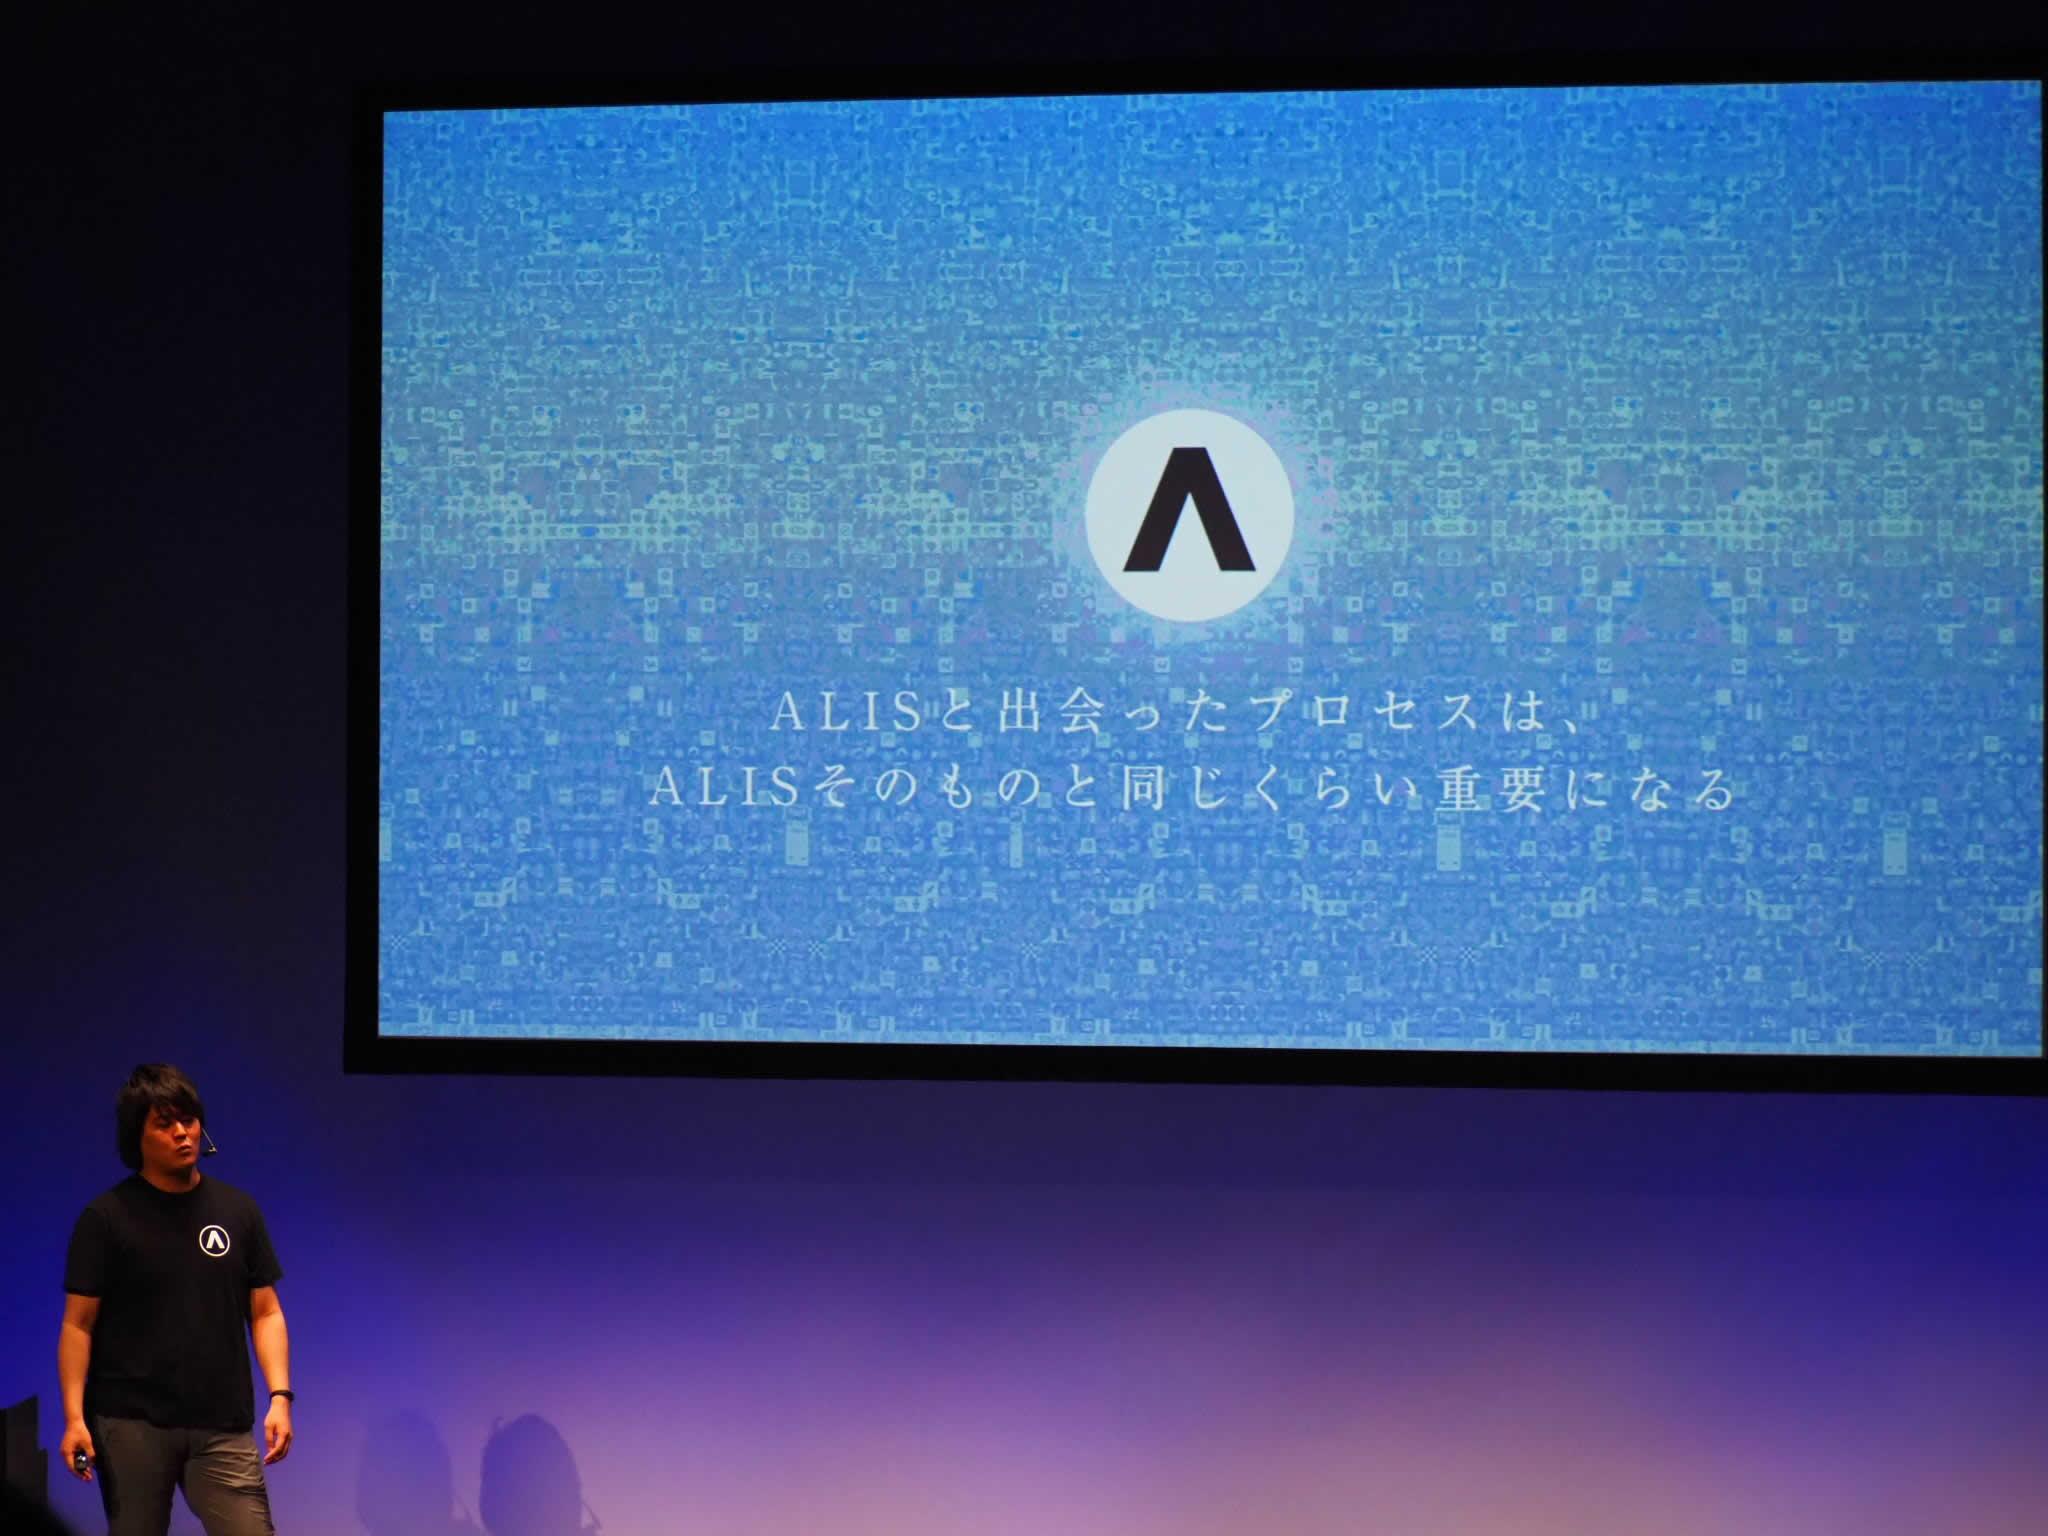 ALISクローズドβ版公開記念イベントに参加!イベント内容を写真でリポート